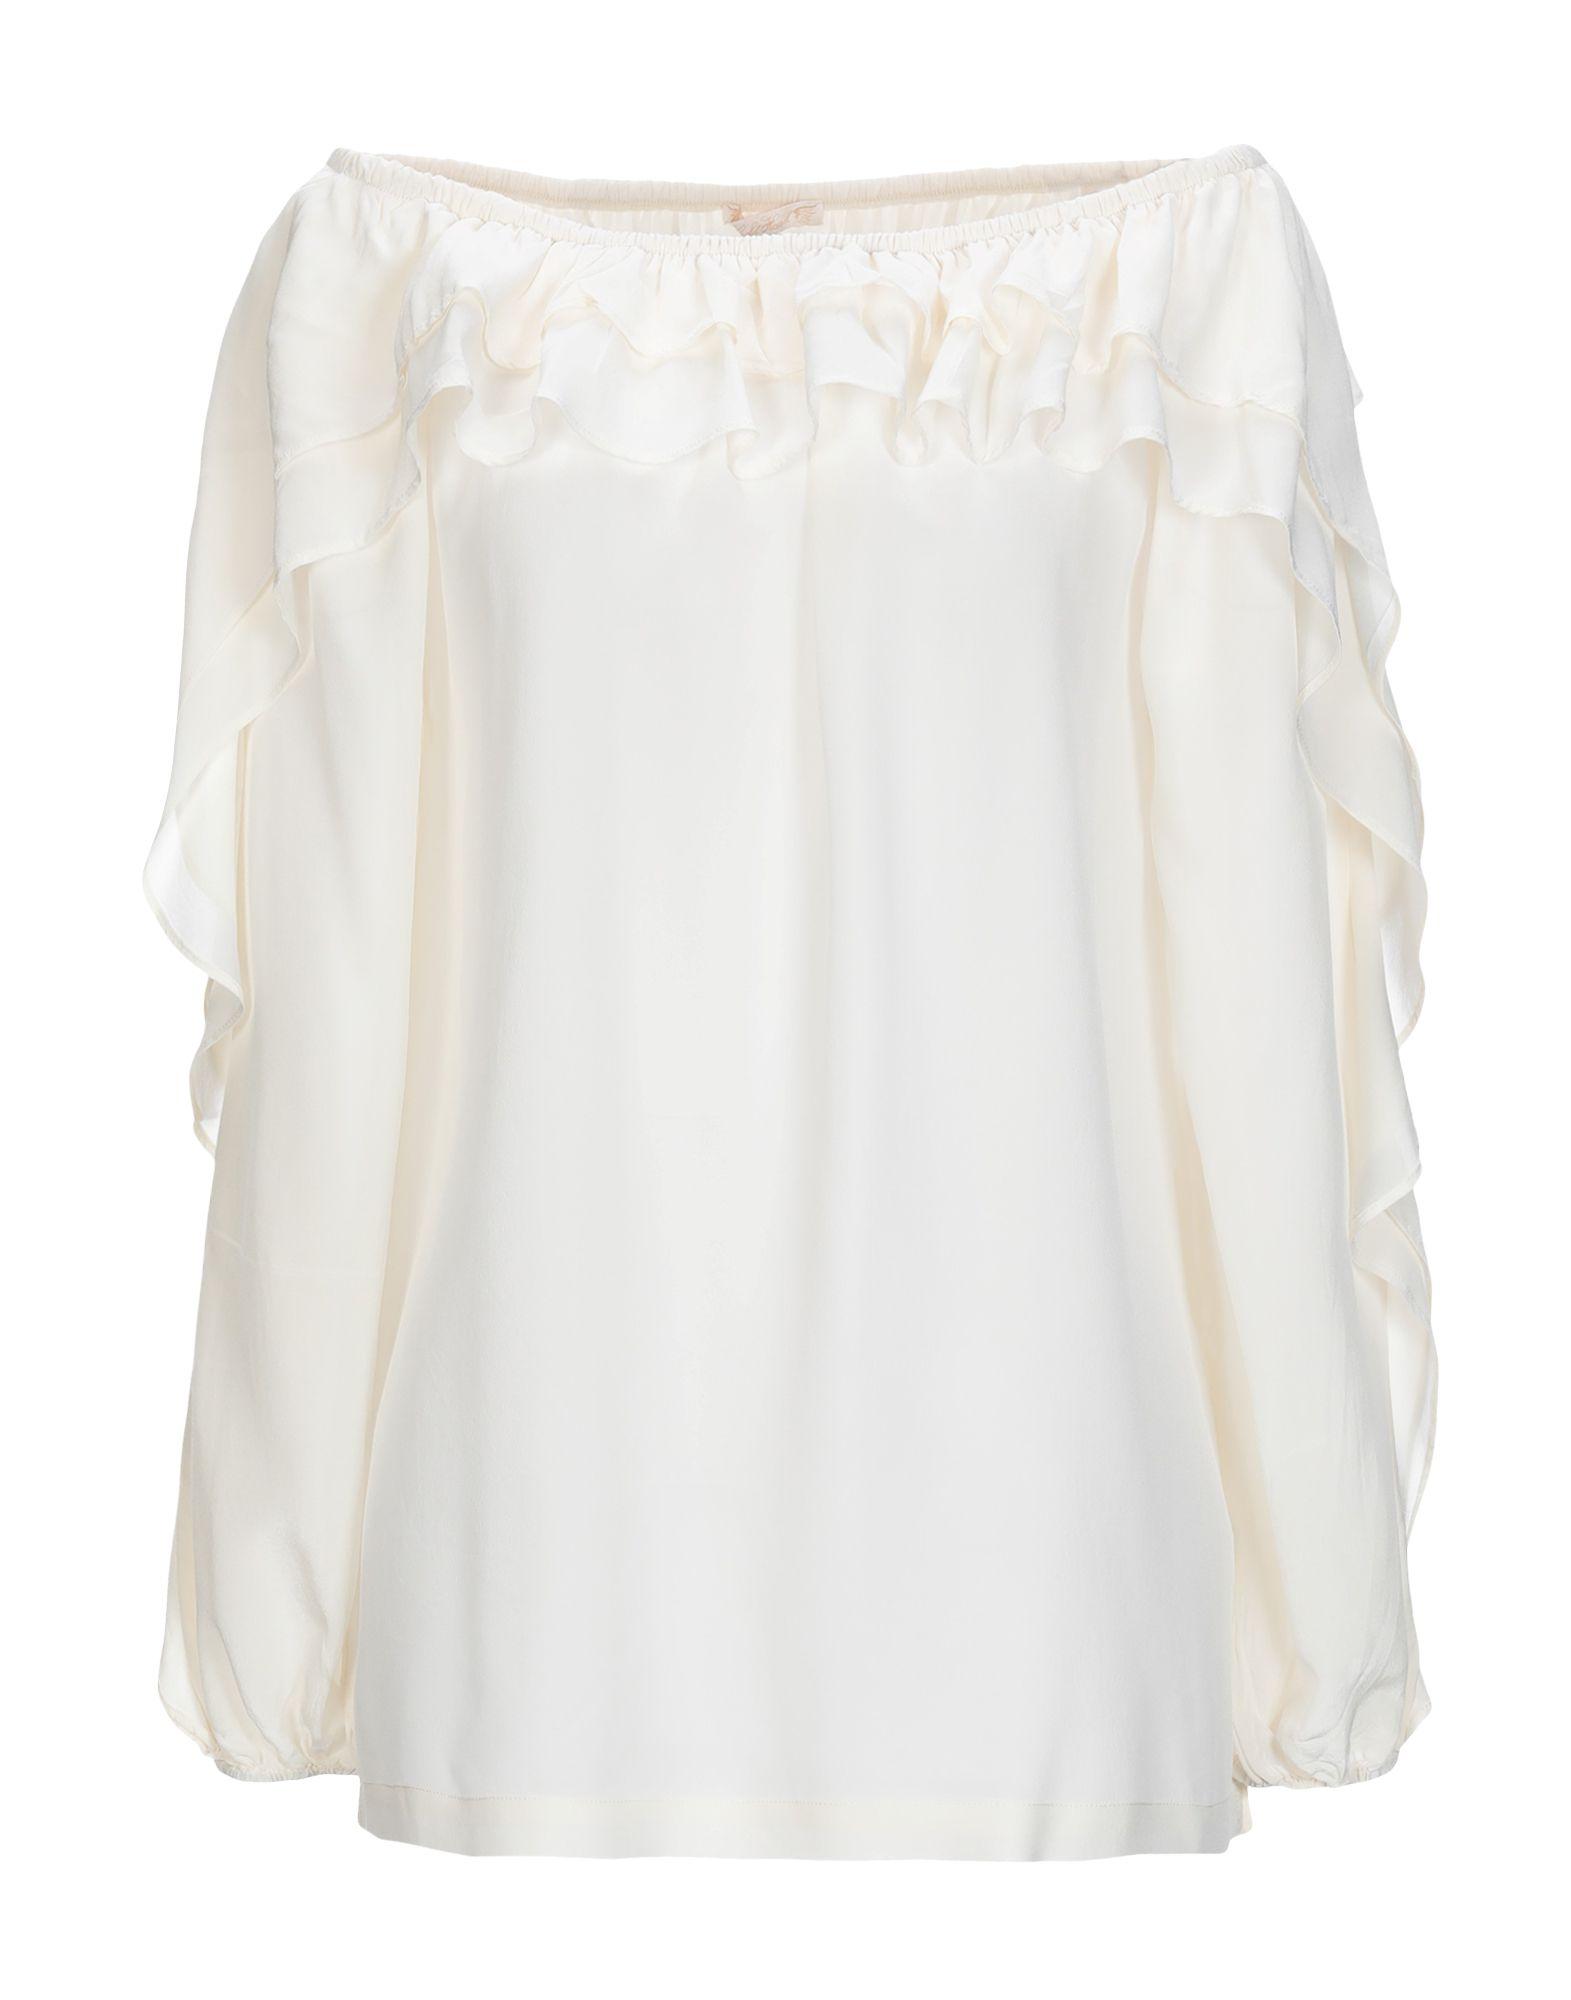 GOLD HAWK Блузка куртка женская concept club jordi цвет черный 10200130144 100 размер xl 50